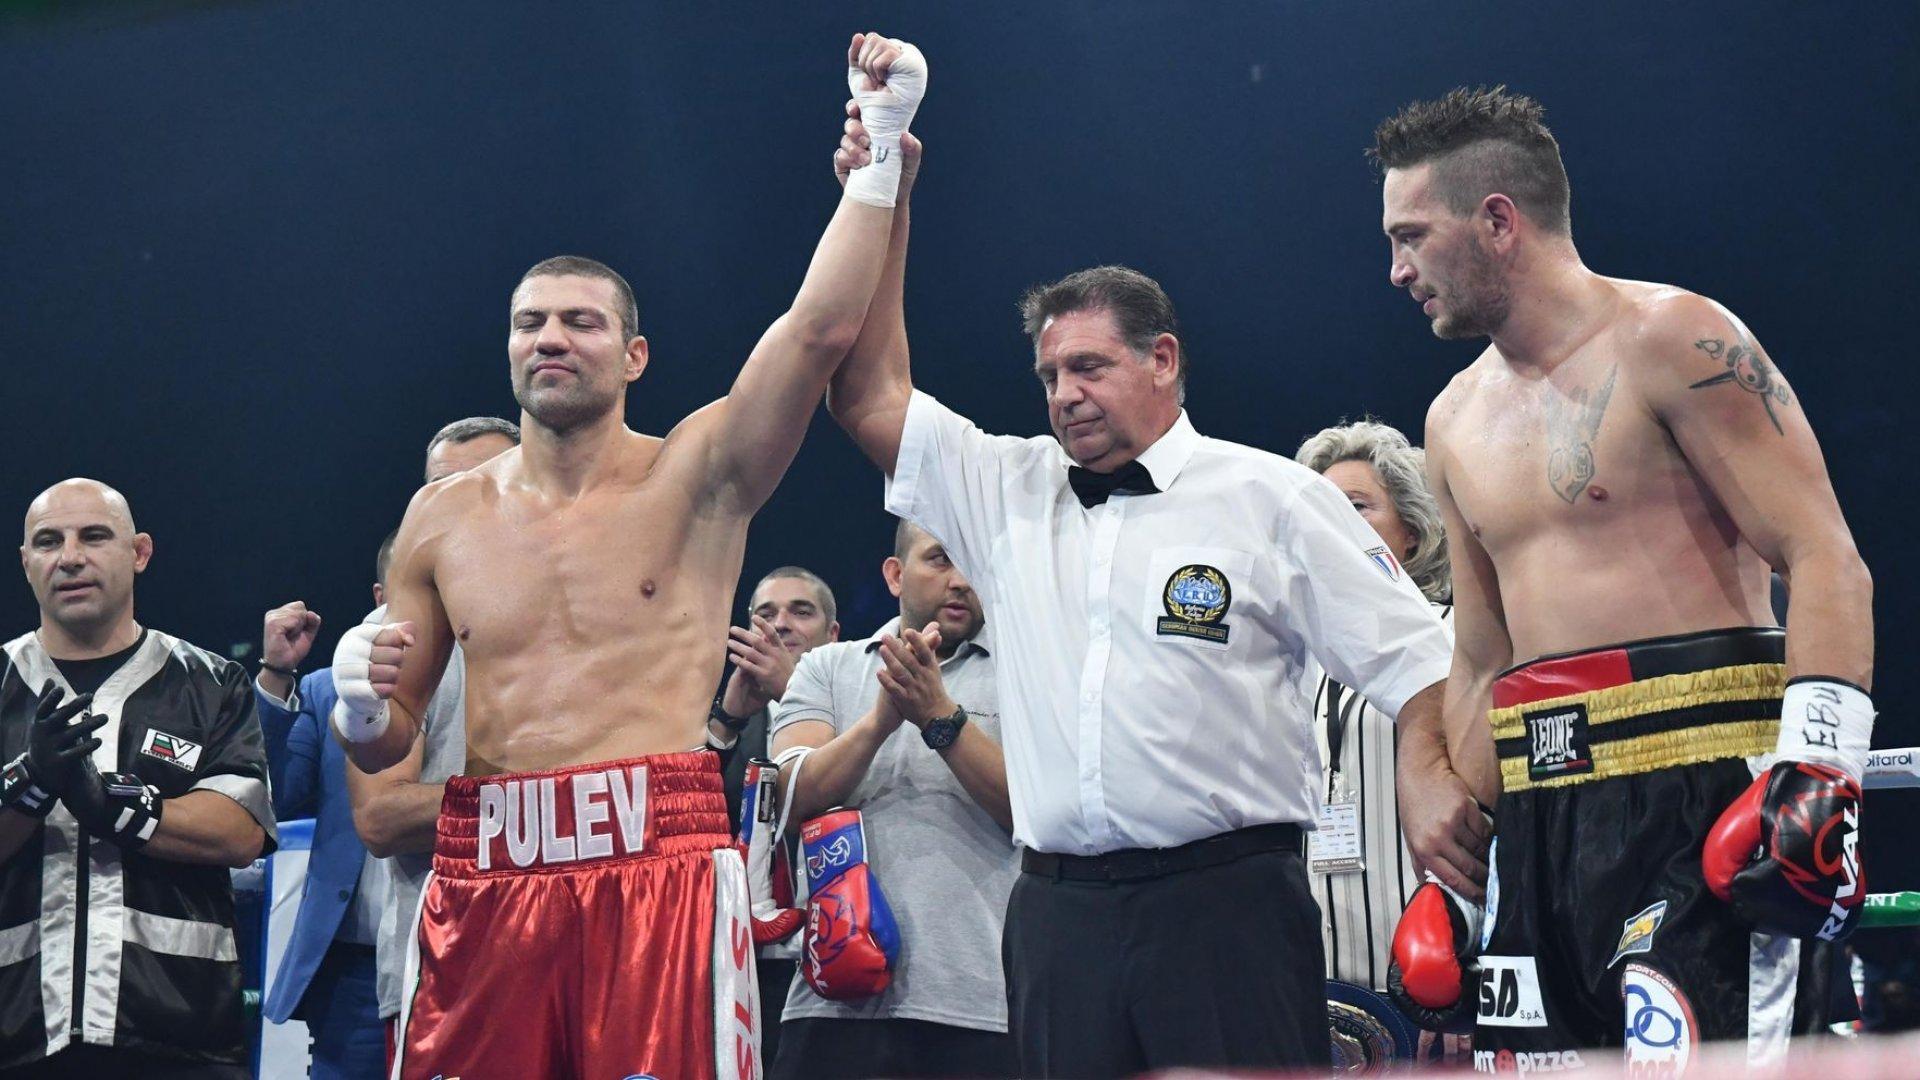 Тервел Пулев ще защитава титлата си в Пловдив